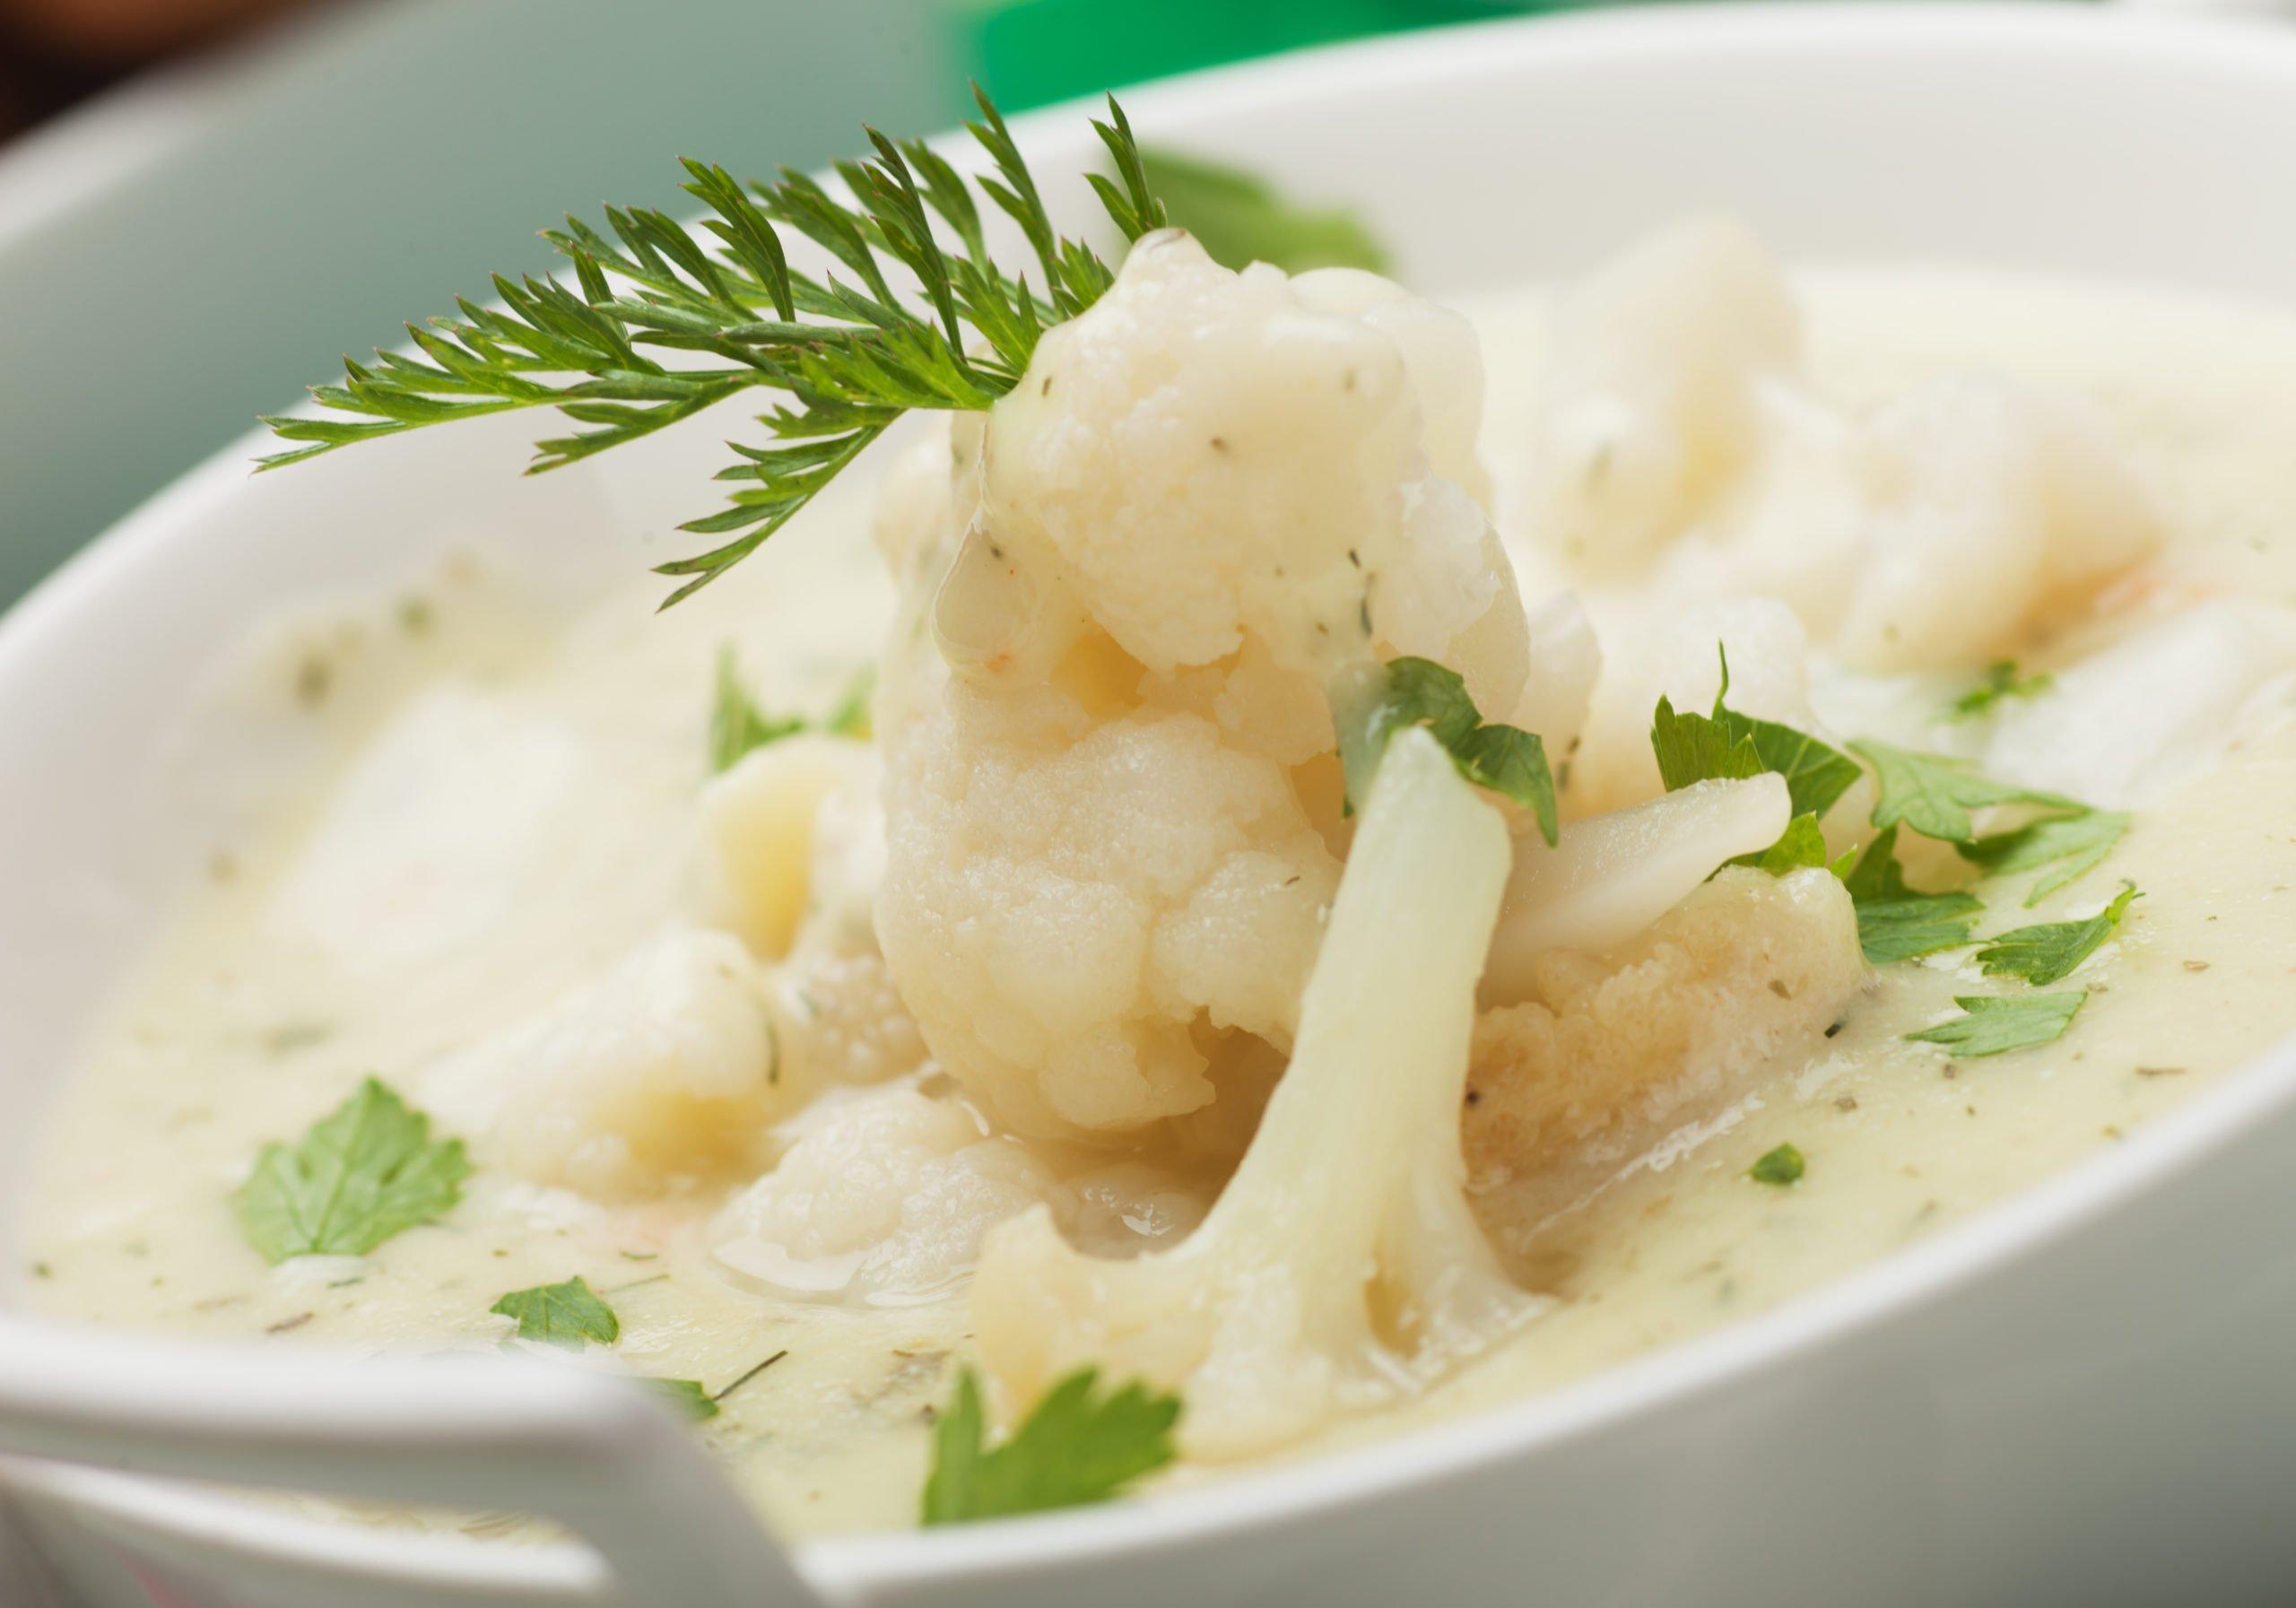 zupa kalafiorowa jak zrobic